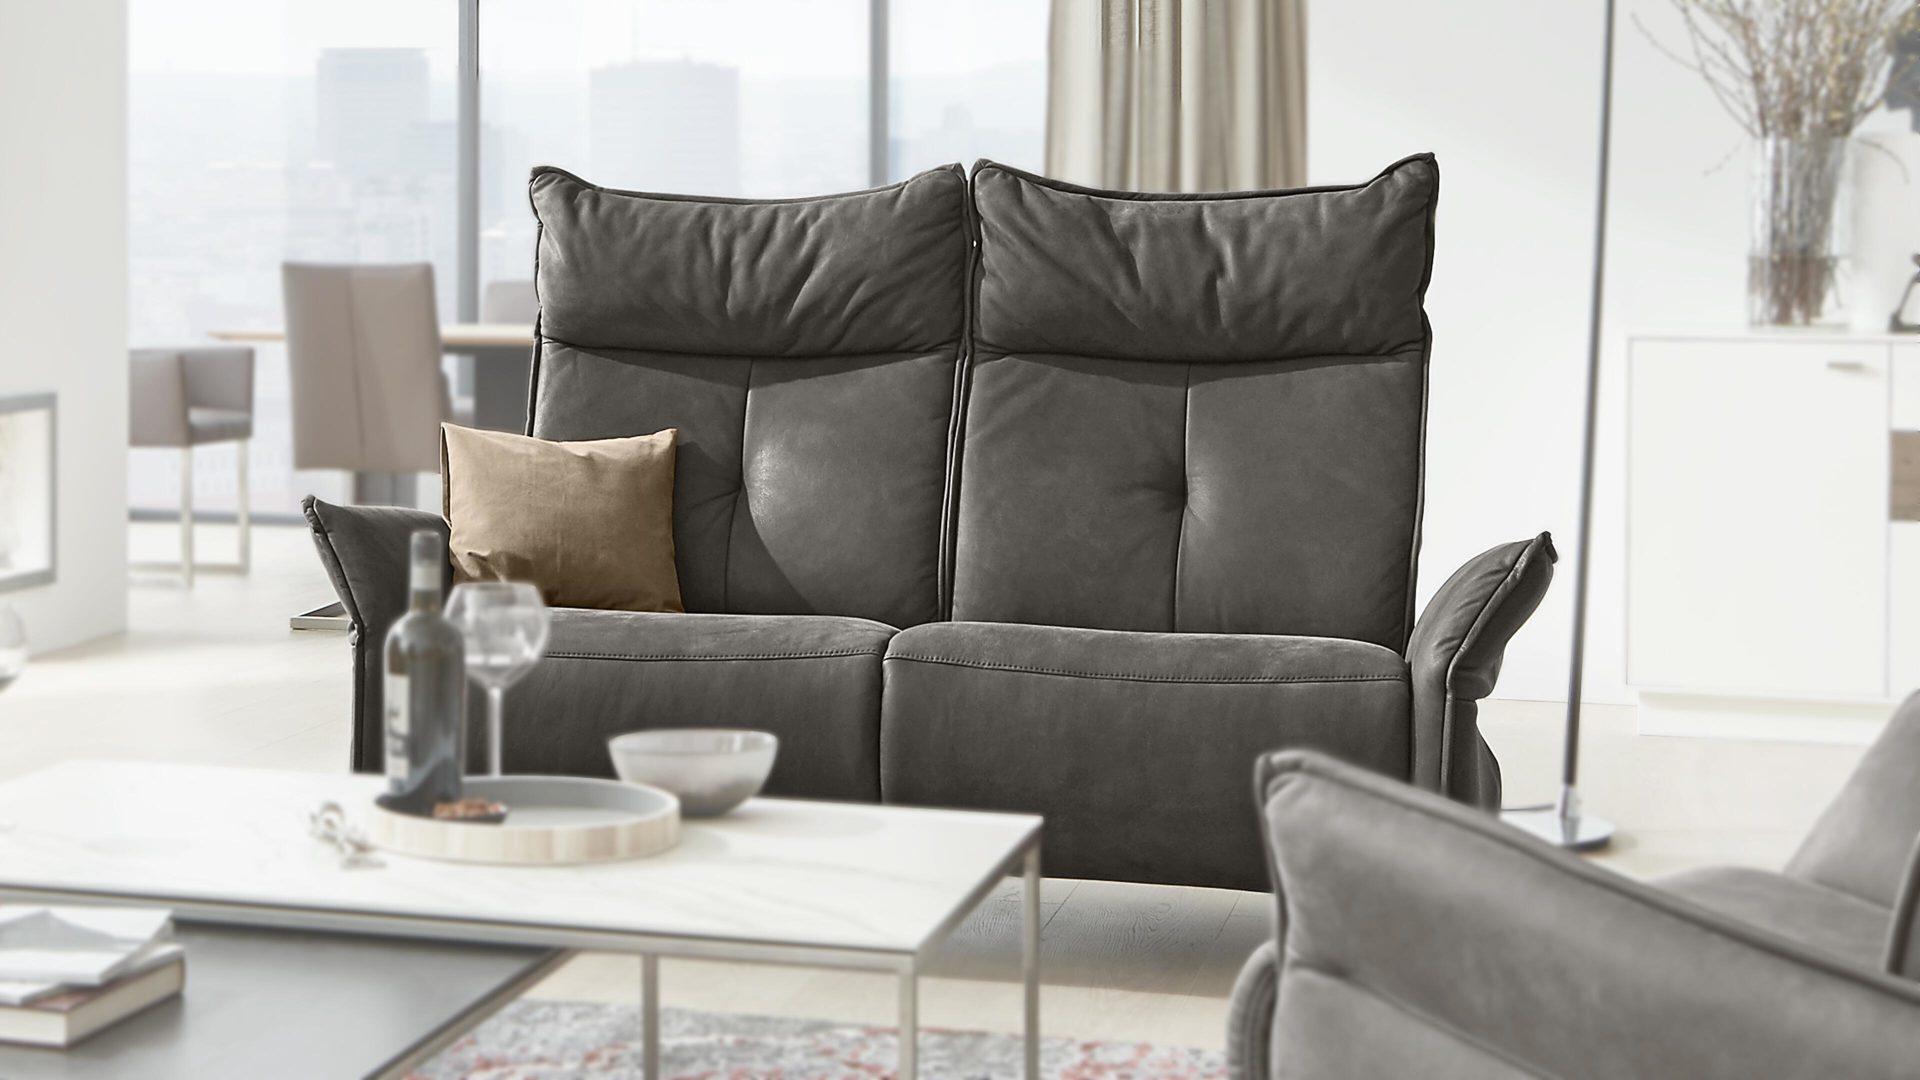 Interliving Sofa Serie 4200 2 Sitzer Zinnfarbenes Leder Rustika Lange